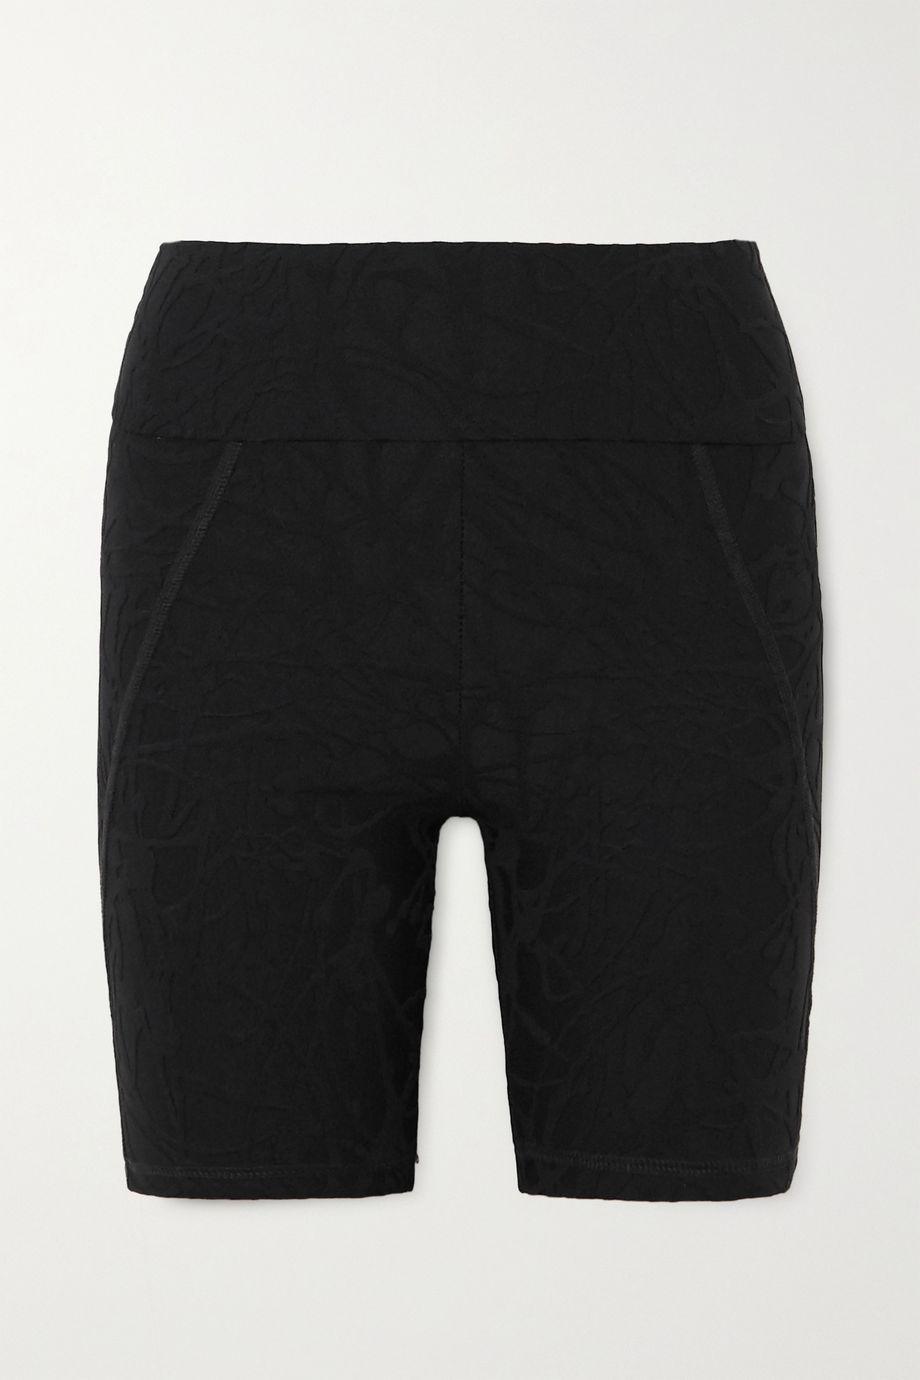 TWENTY Montréal Pollock 3D Active stretch jacquard-knit shorts